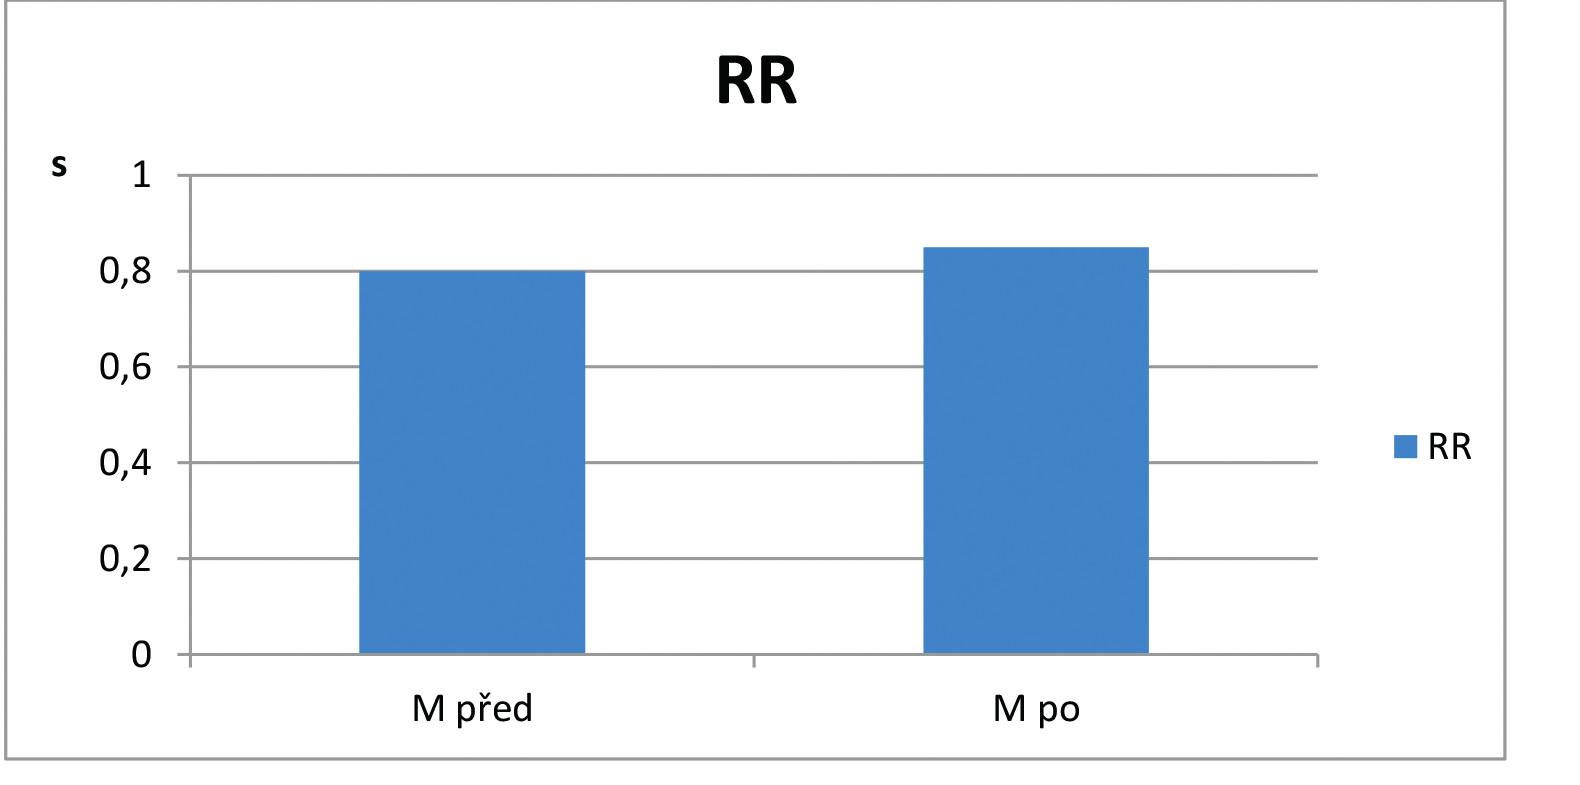 Hodnoty ukazatele R-R intervaly v opakovaném lehu ortoklinostatické zkoušky na počátku (M před) a na konci (M po) studie v souboru pacientů s asthma bronchiale (n=12).